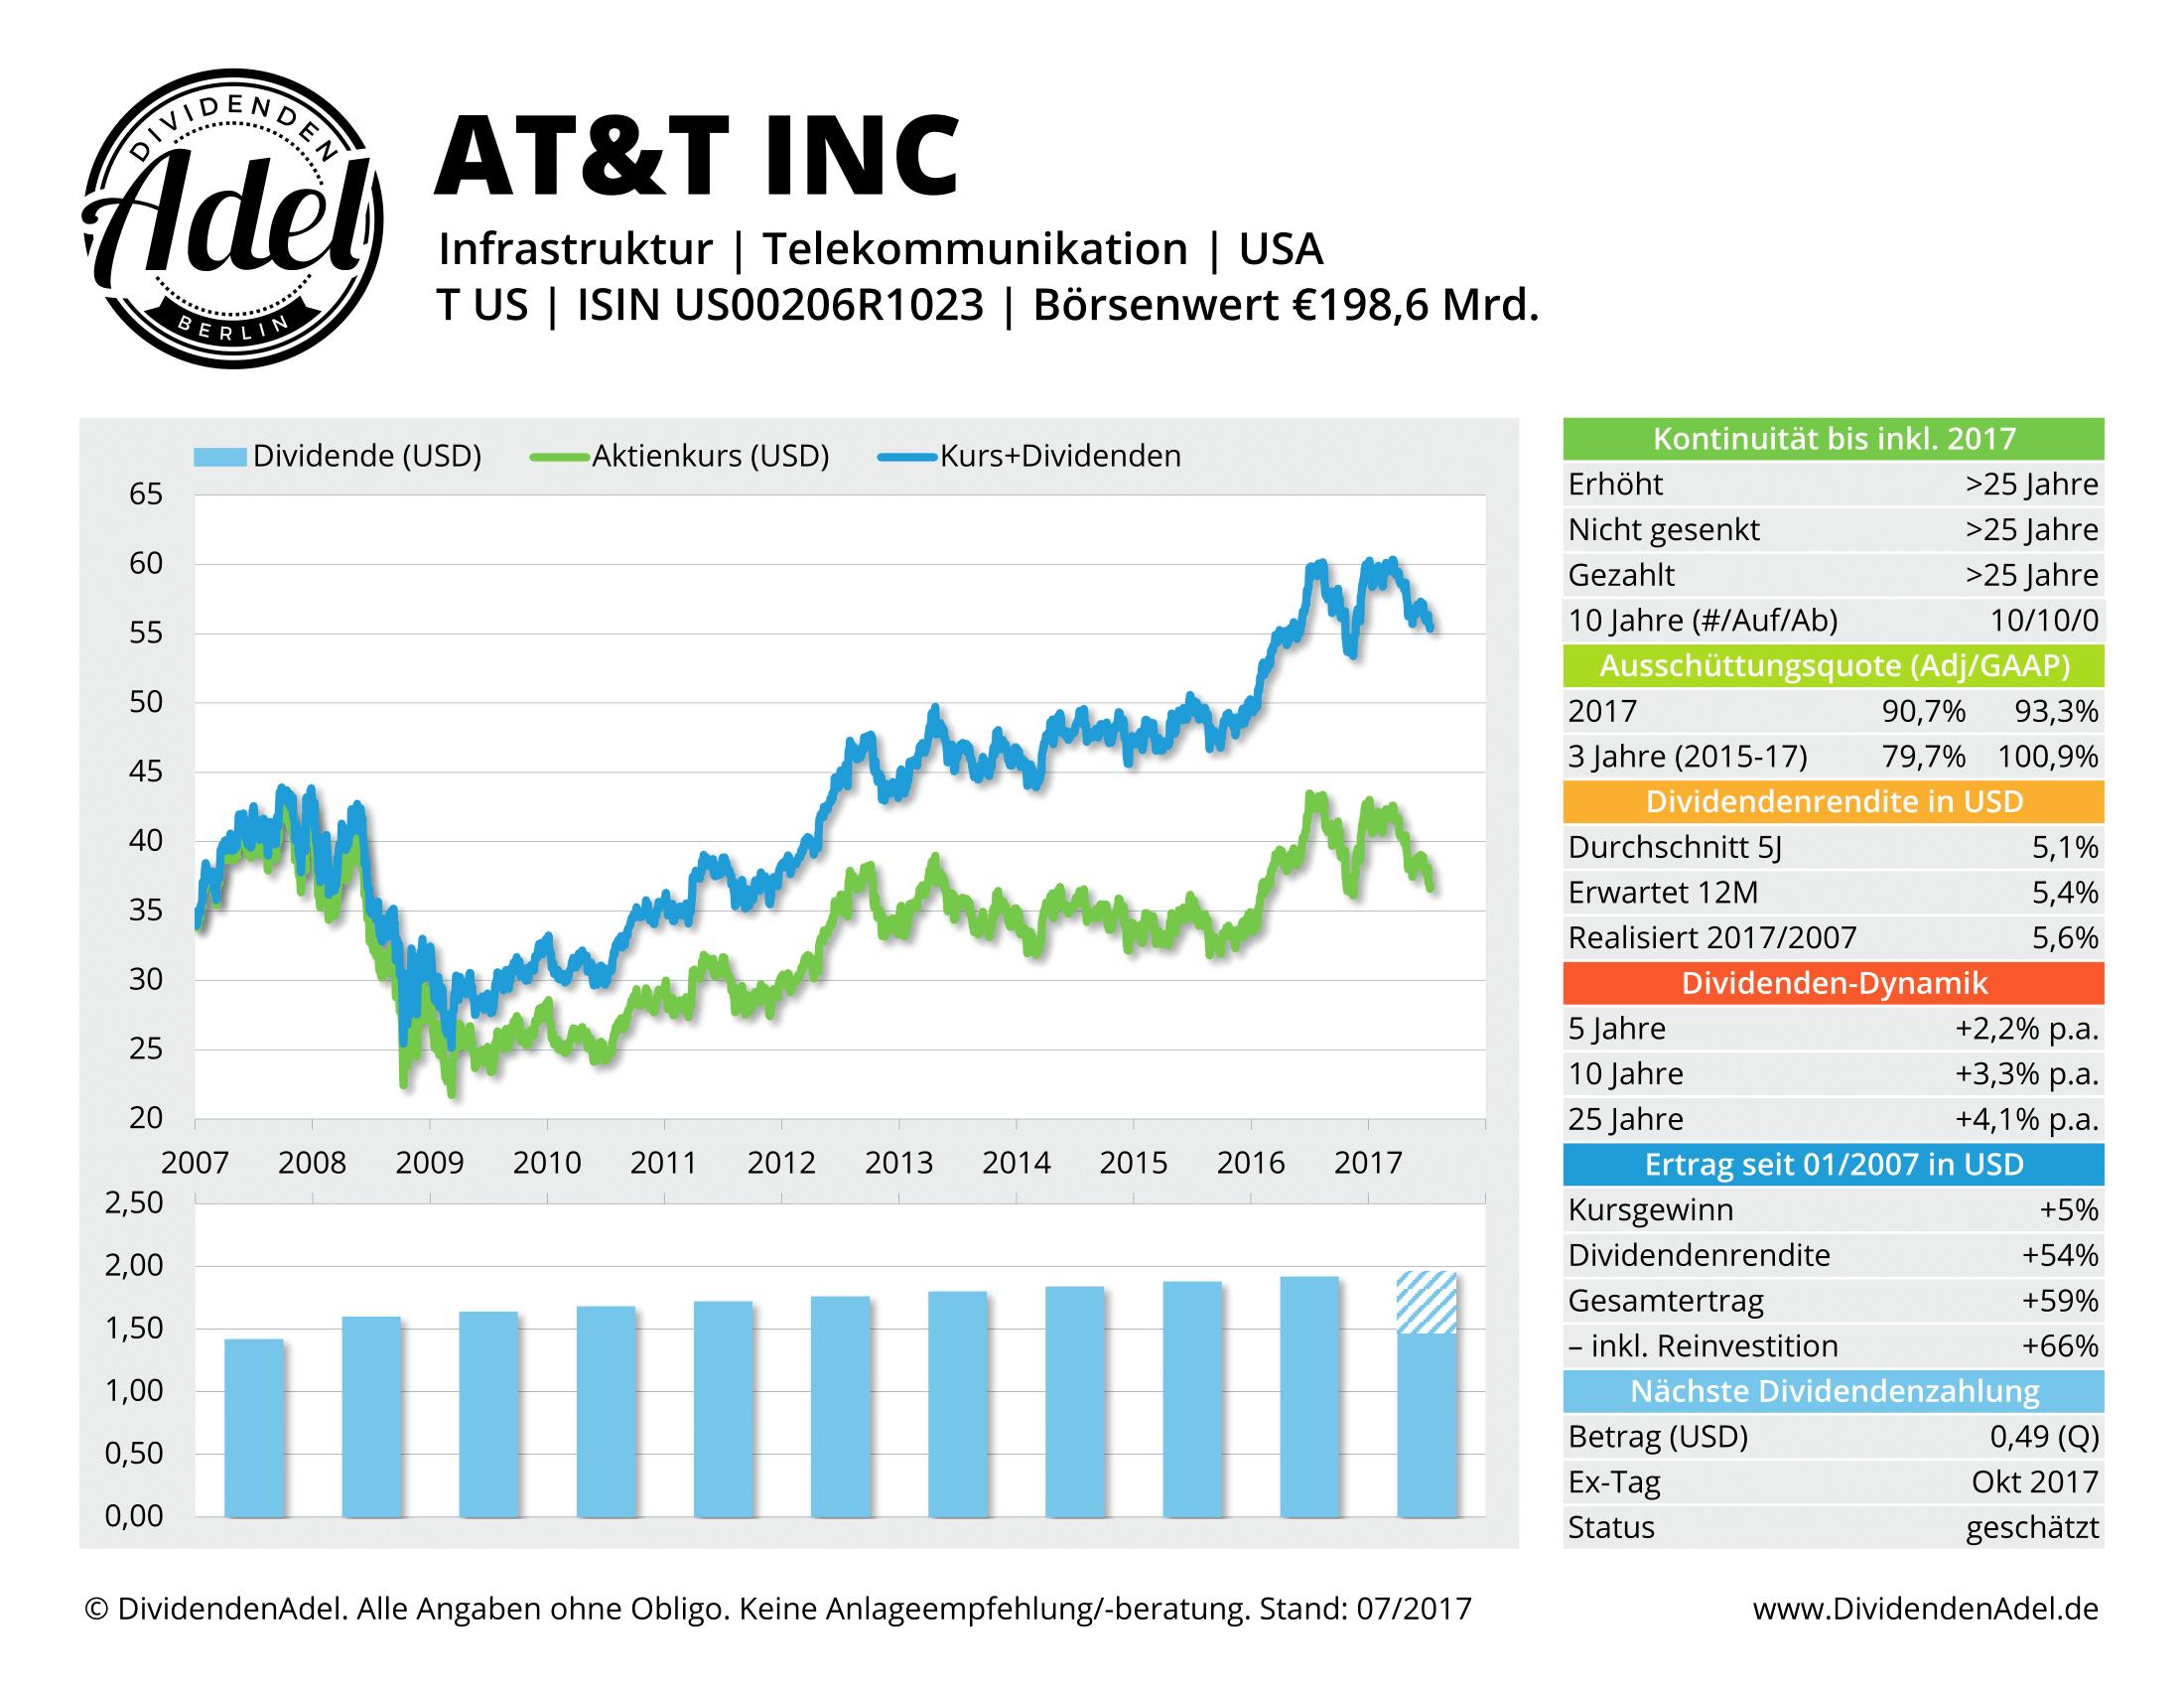 AT&T INC DividendenAdel-Profil